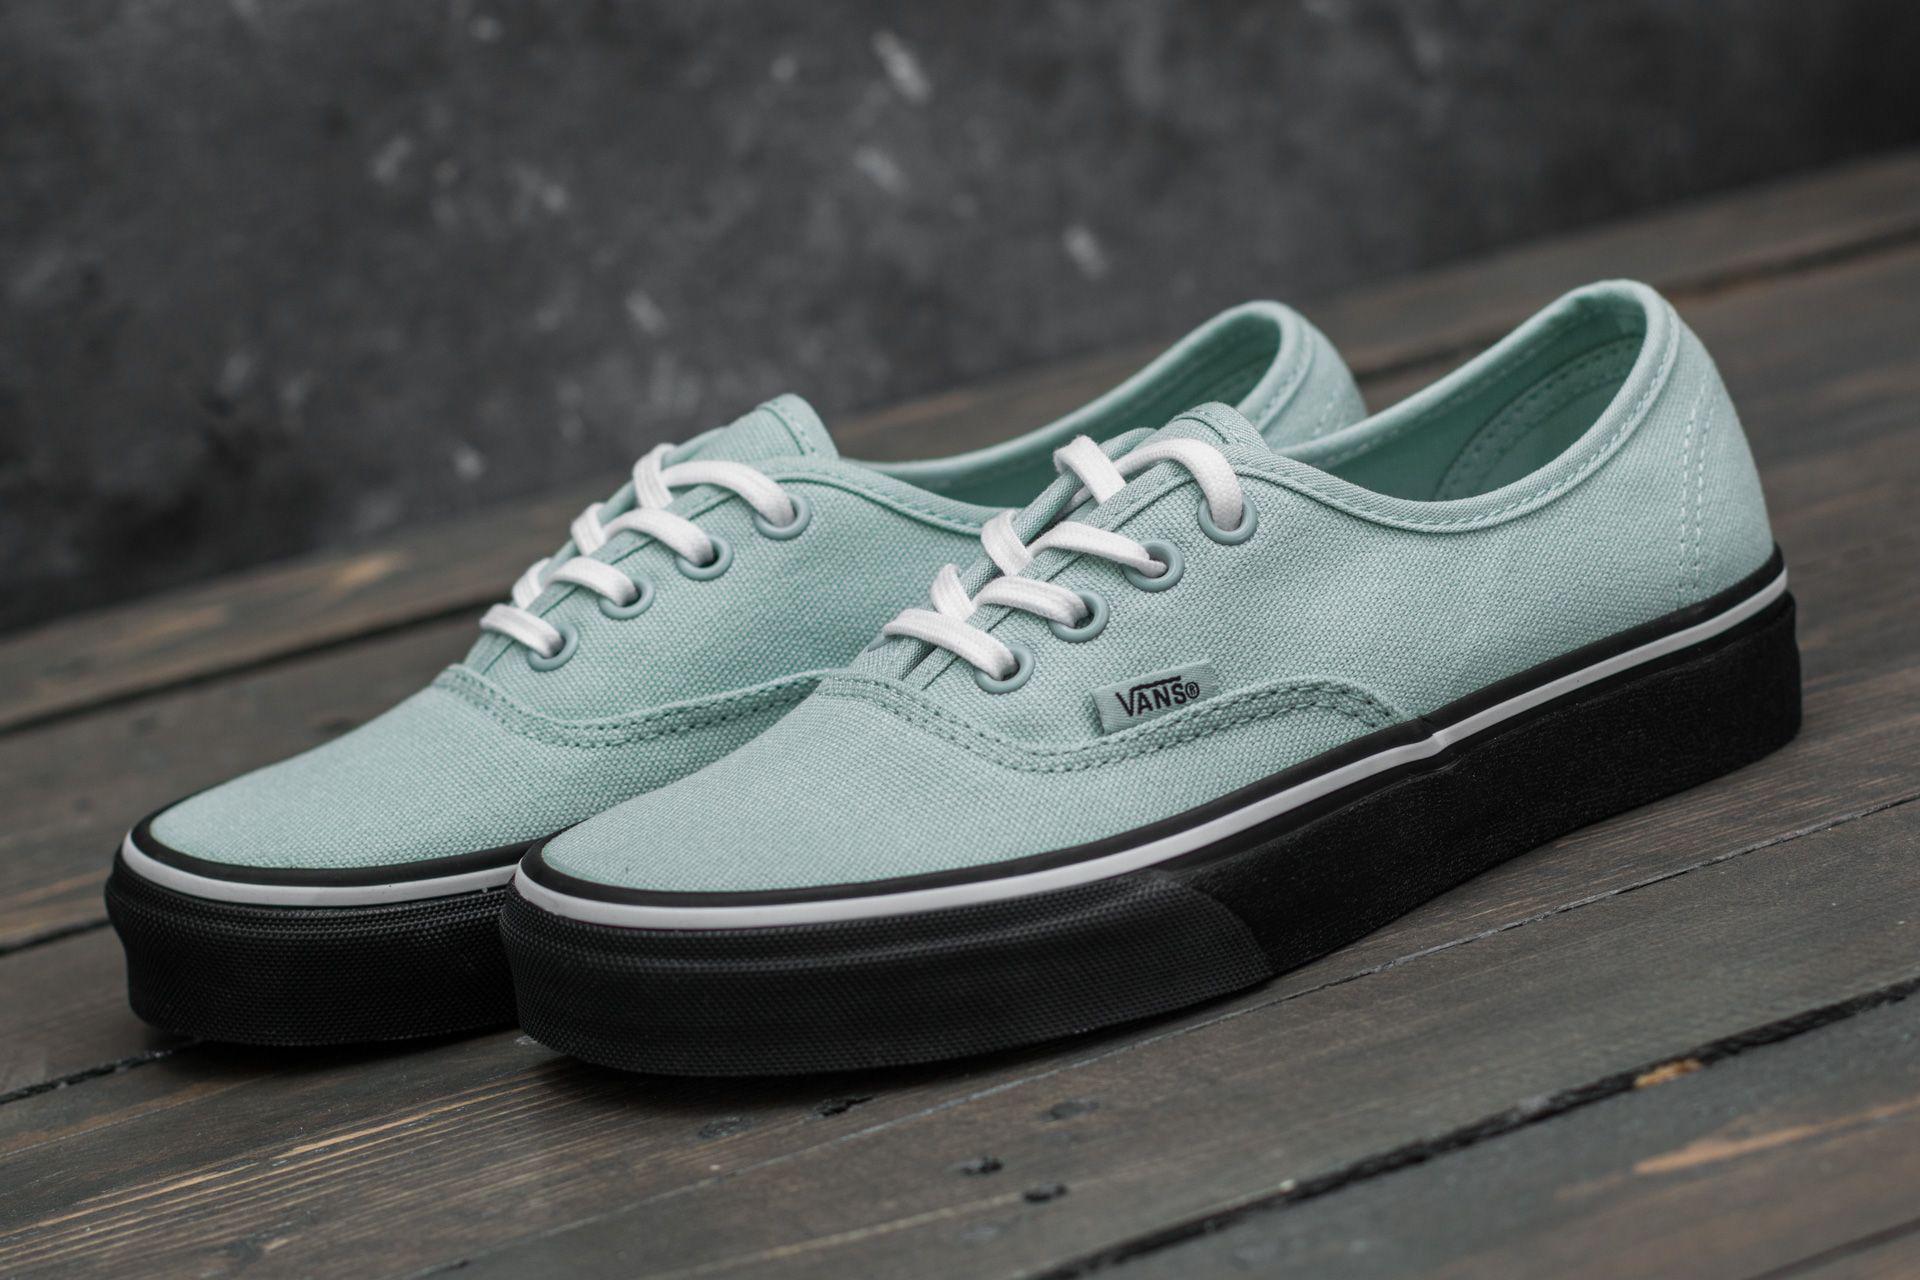 Vans Authentic Black Outsole Harbor Grey Men's Classic Skate Shoes Size 10